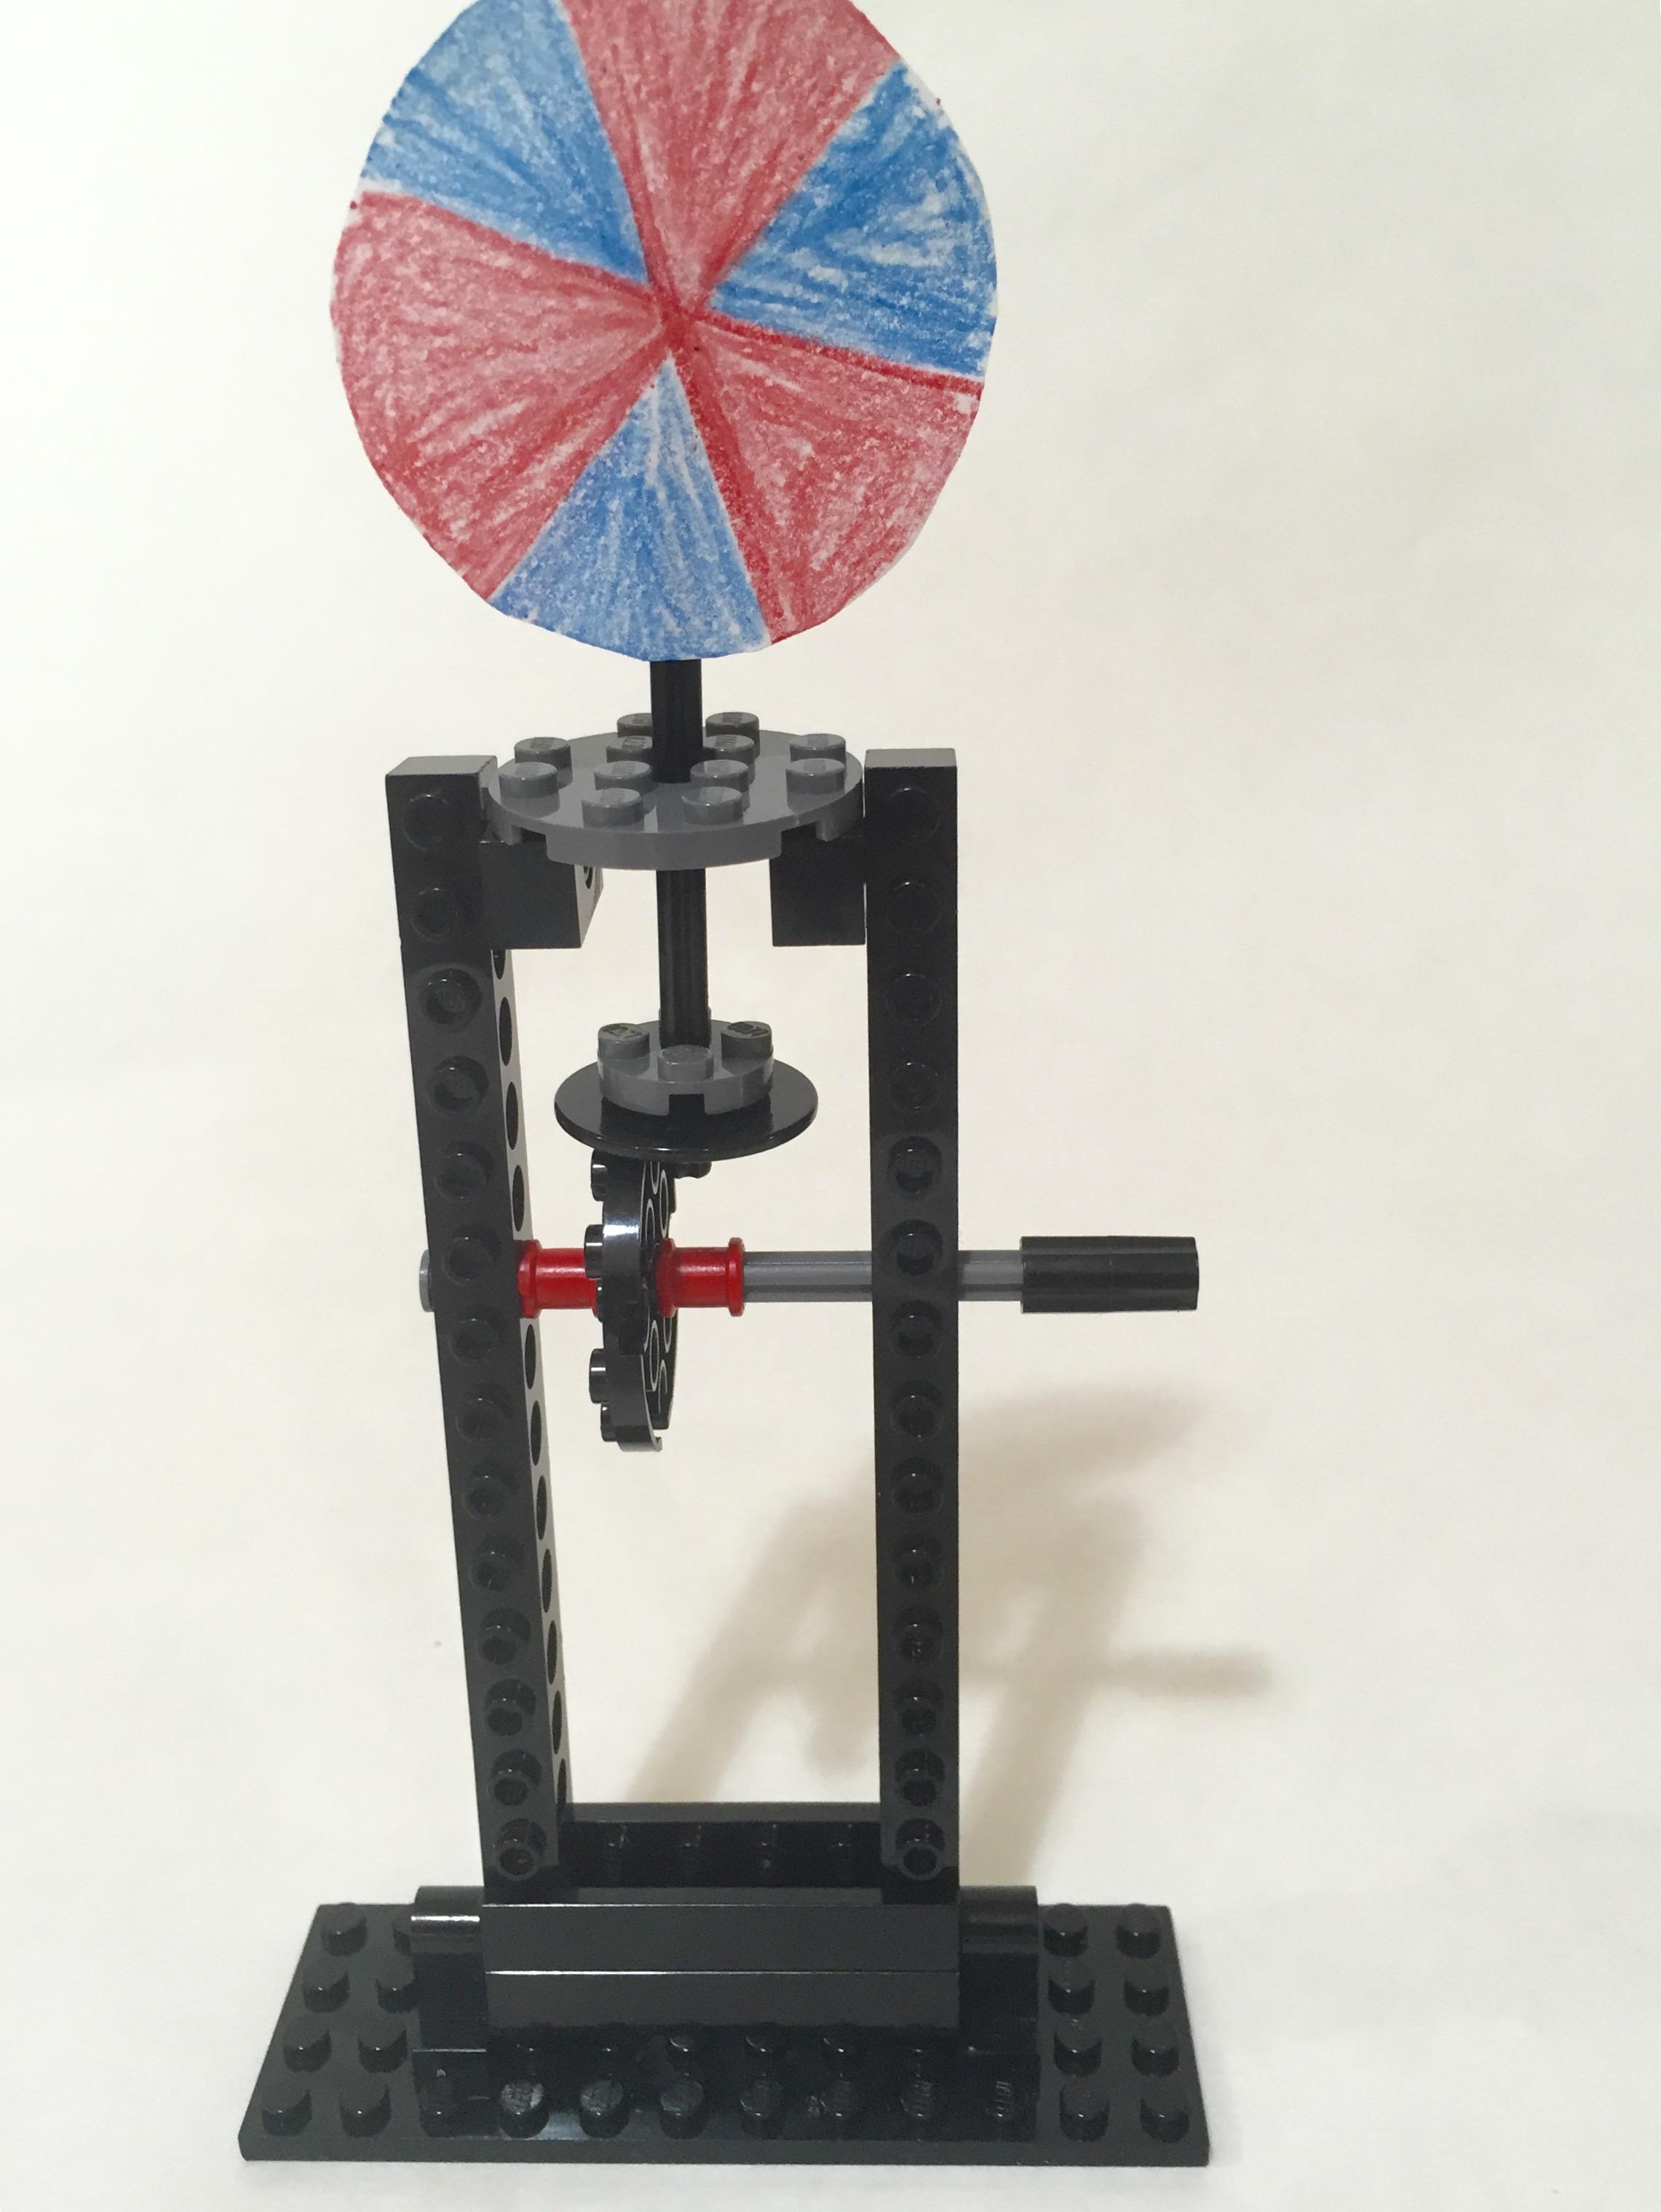 Lego Automata